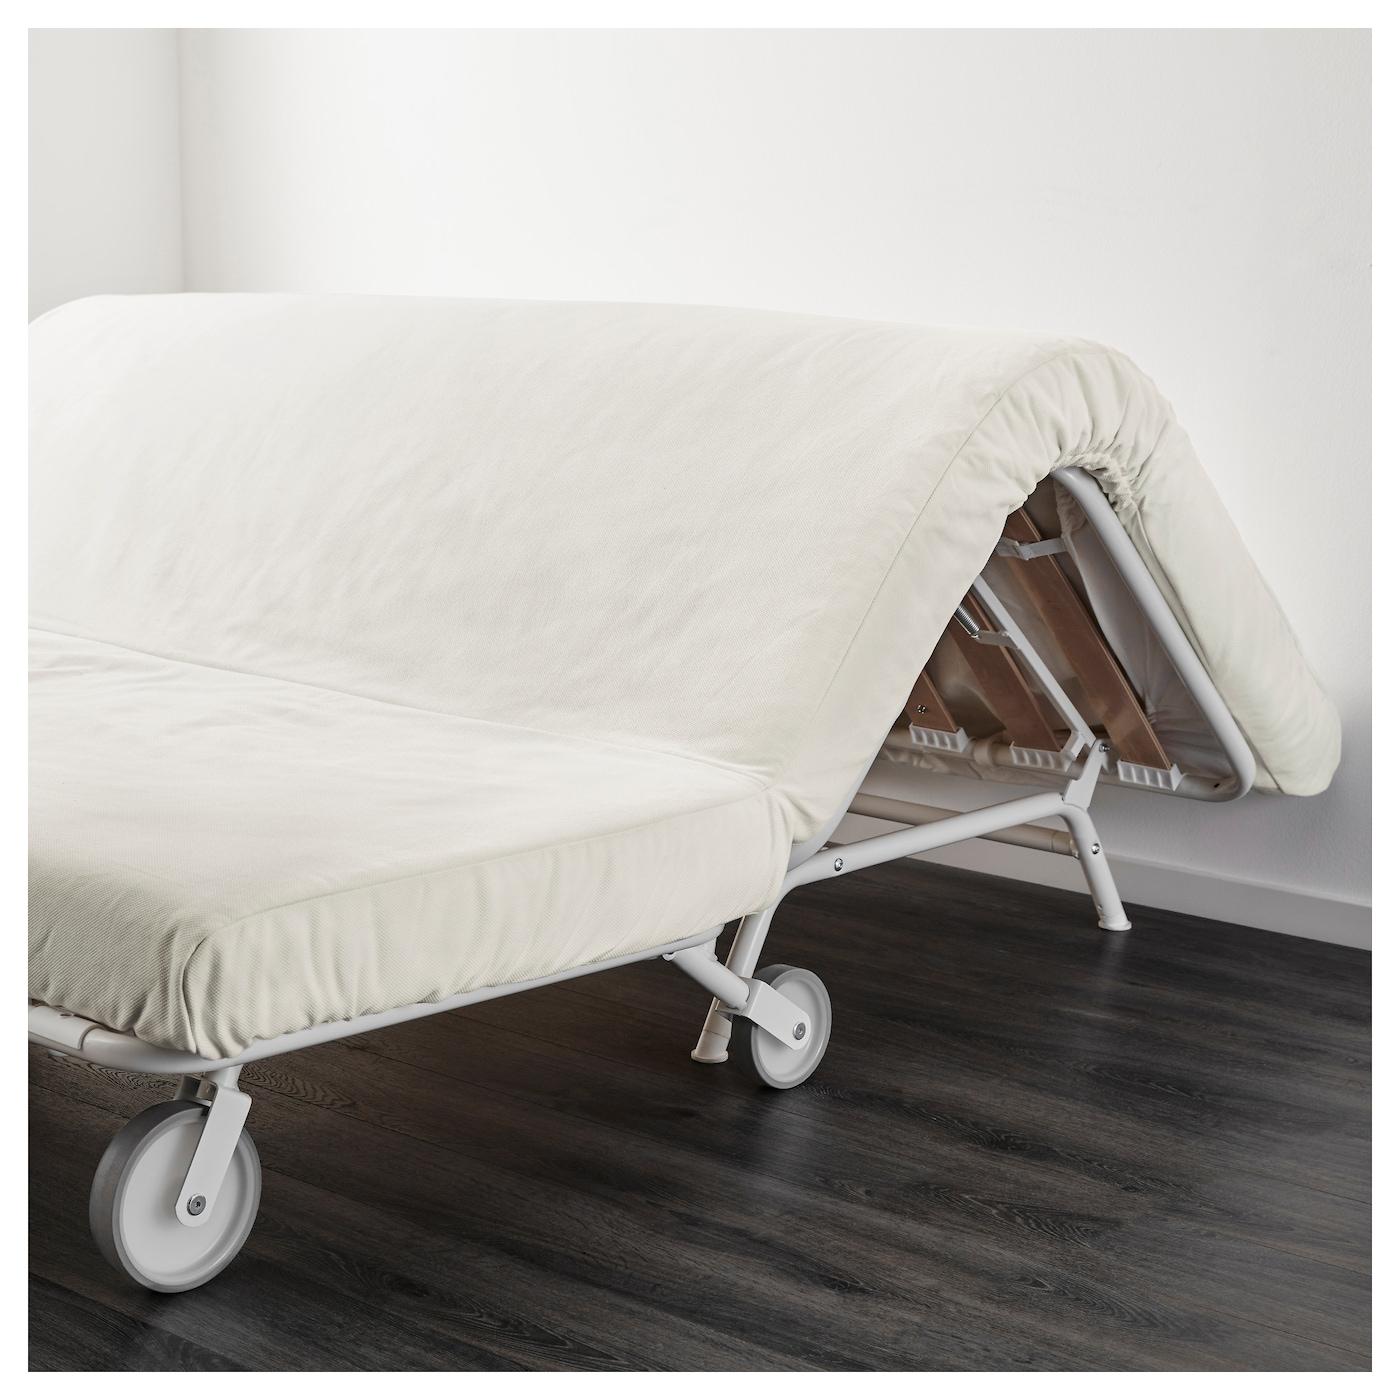 Ikea Ps LÖvÅs Two Seat Sofa Bed A Simple Firm Foam Mattress